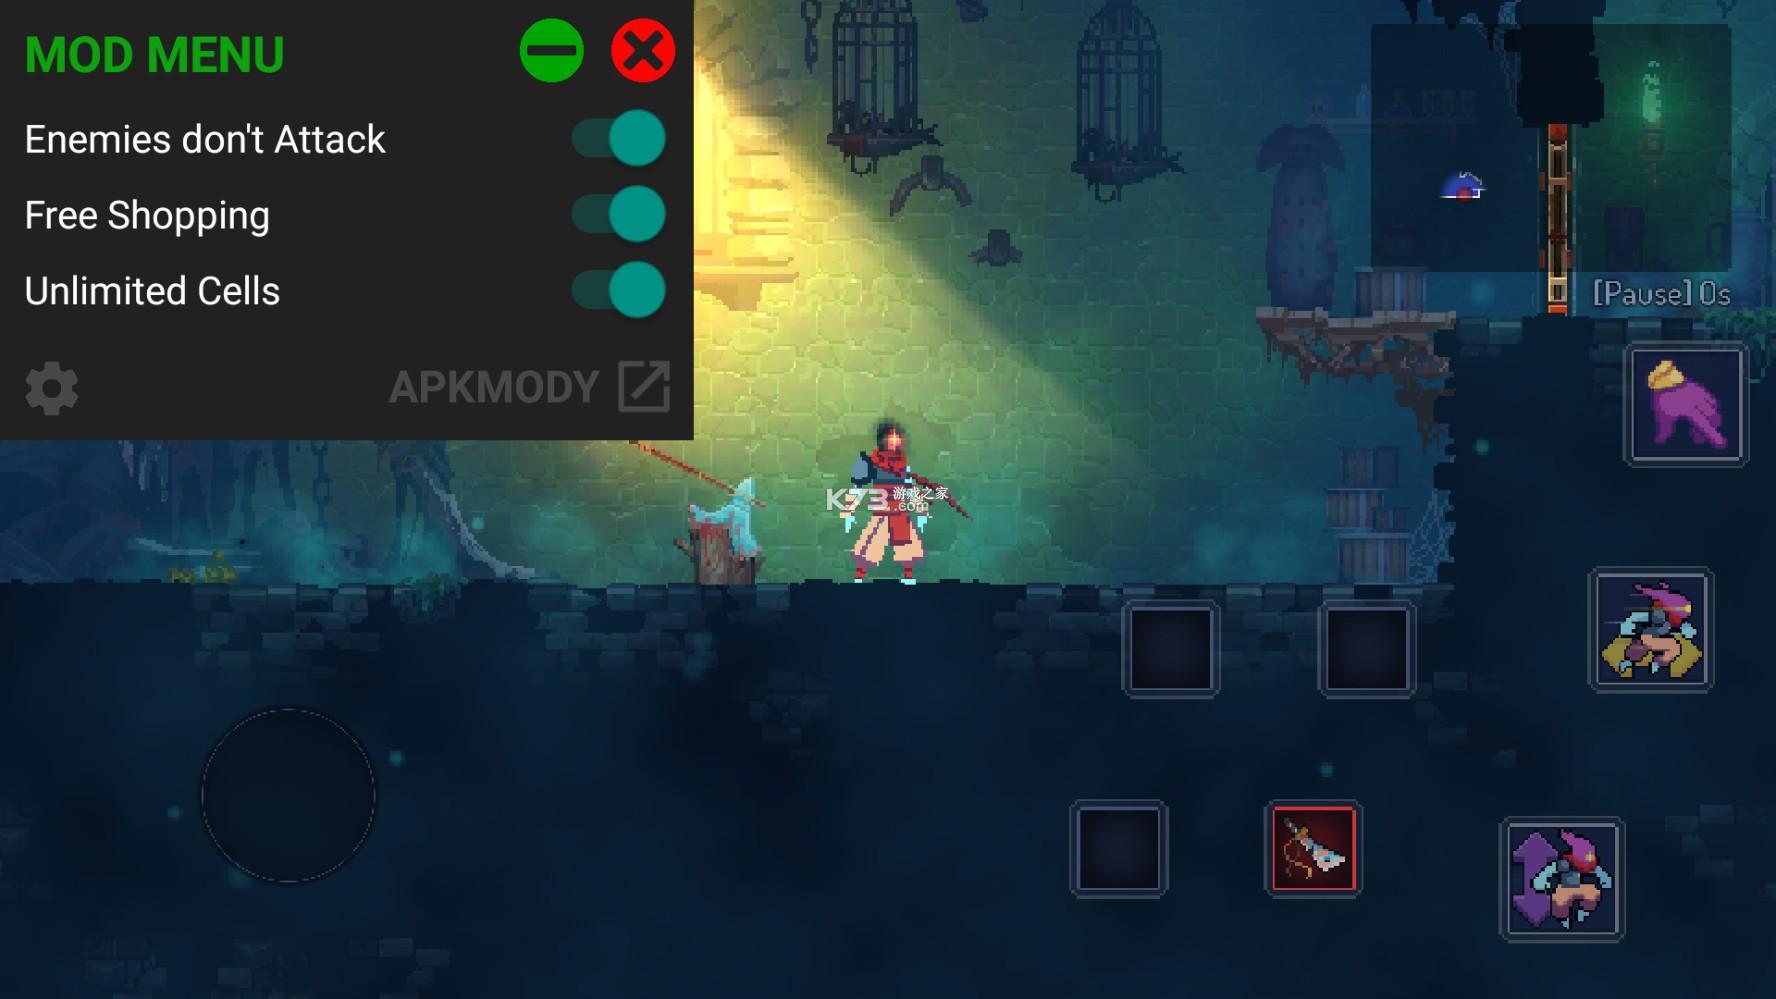 重生细胞 v1.60.6 破解版永久免费内购游戏 截图